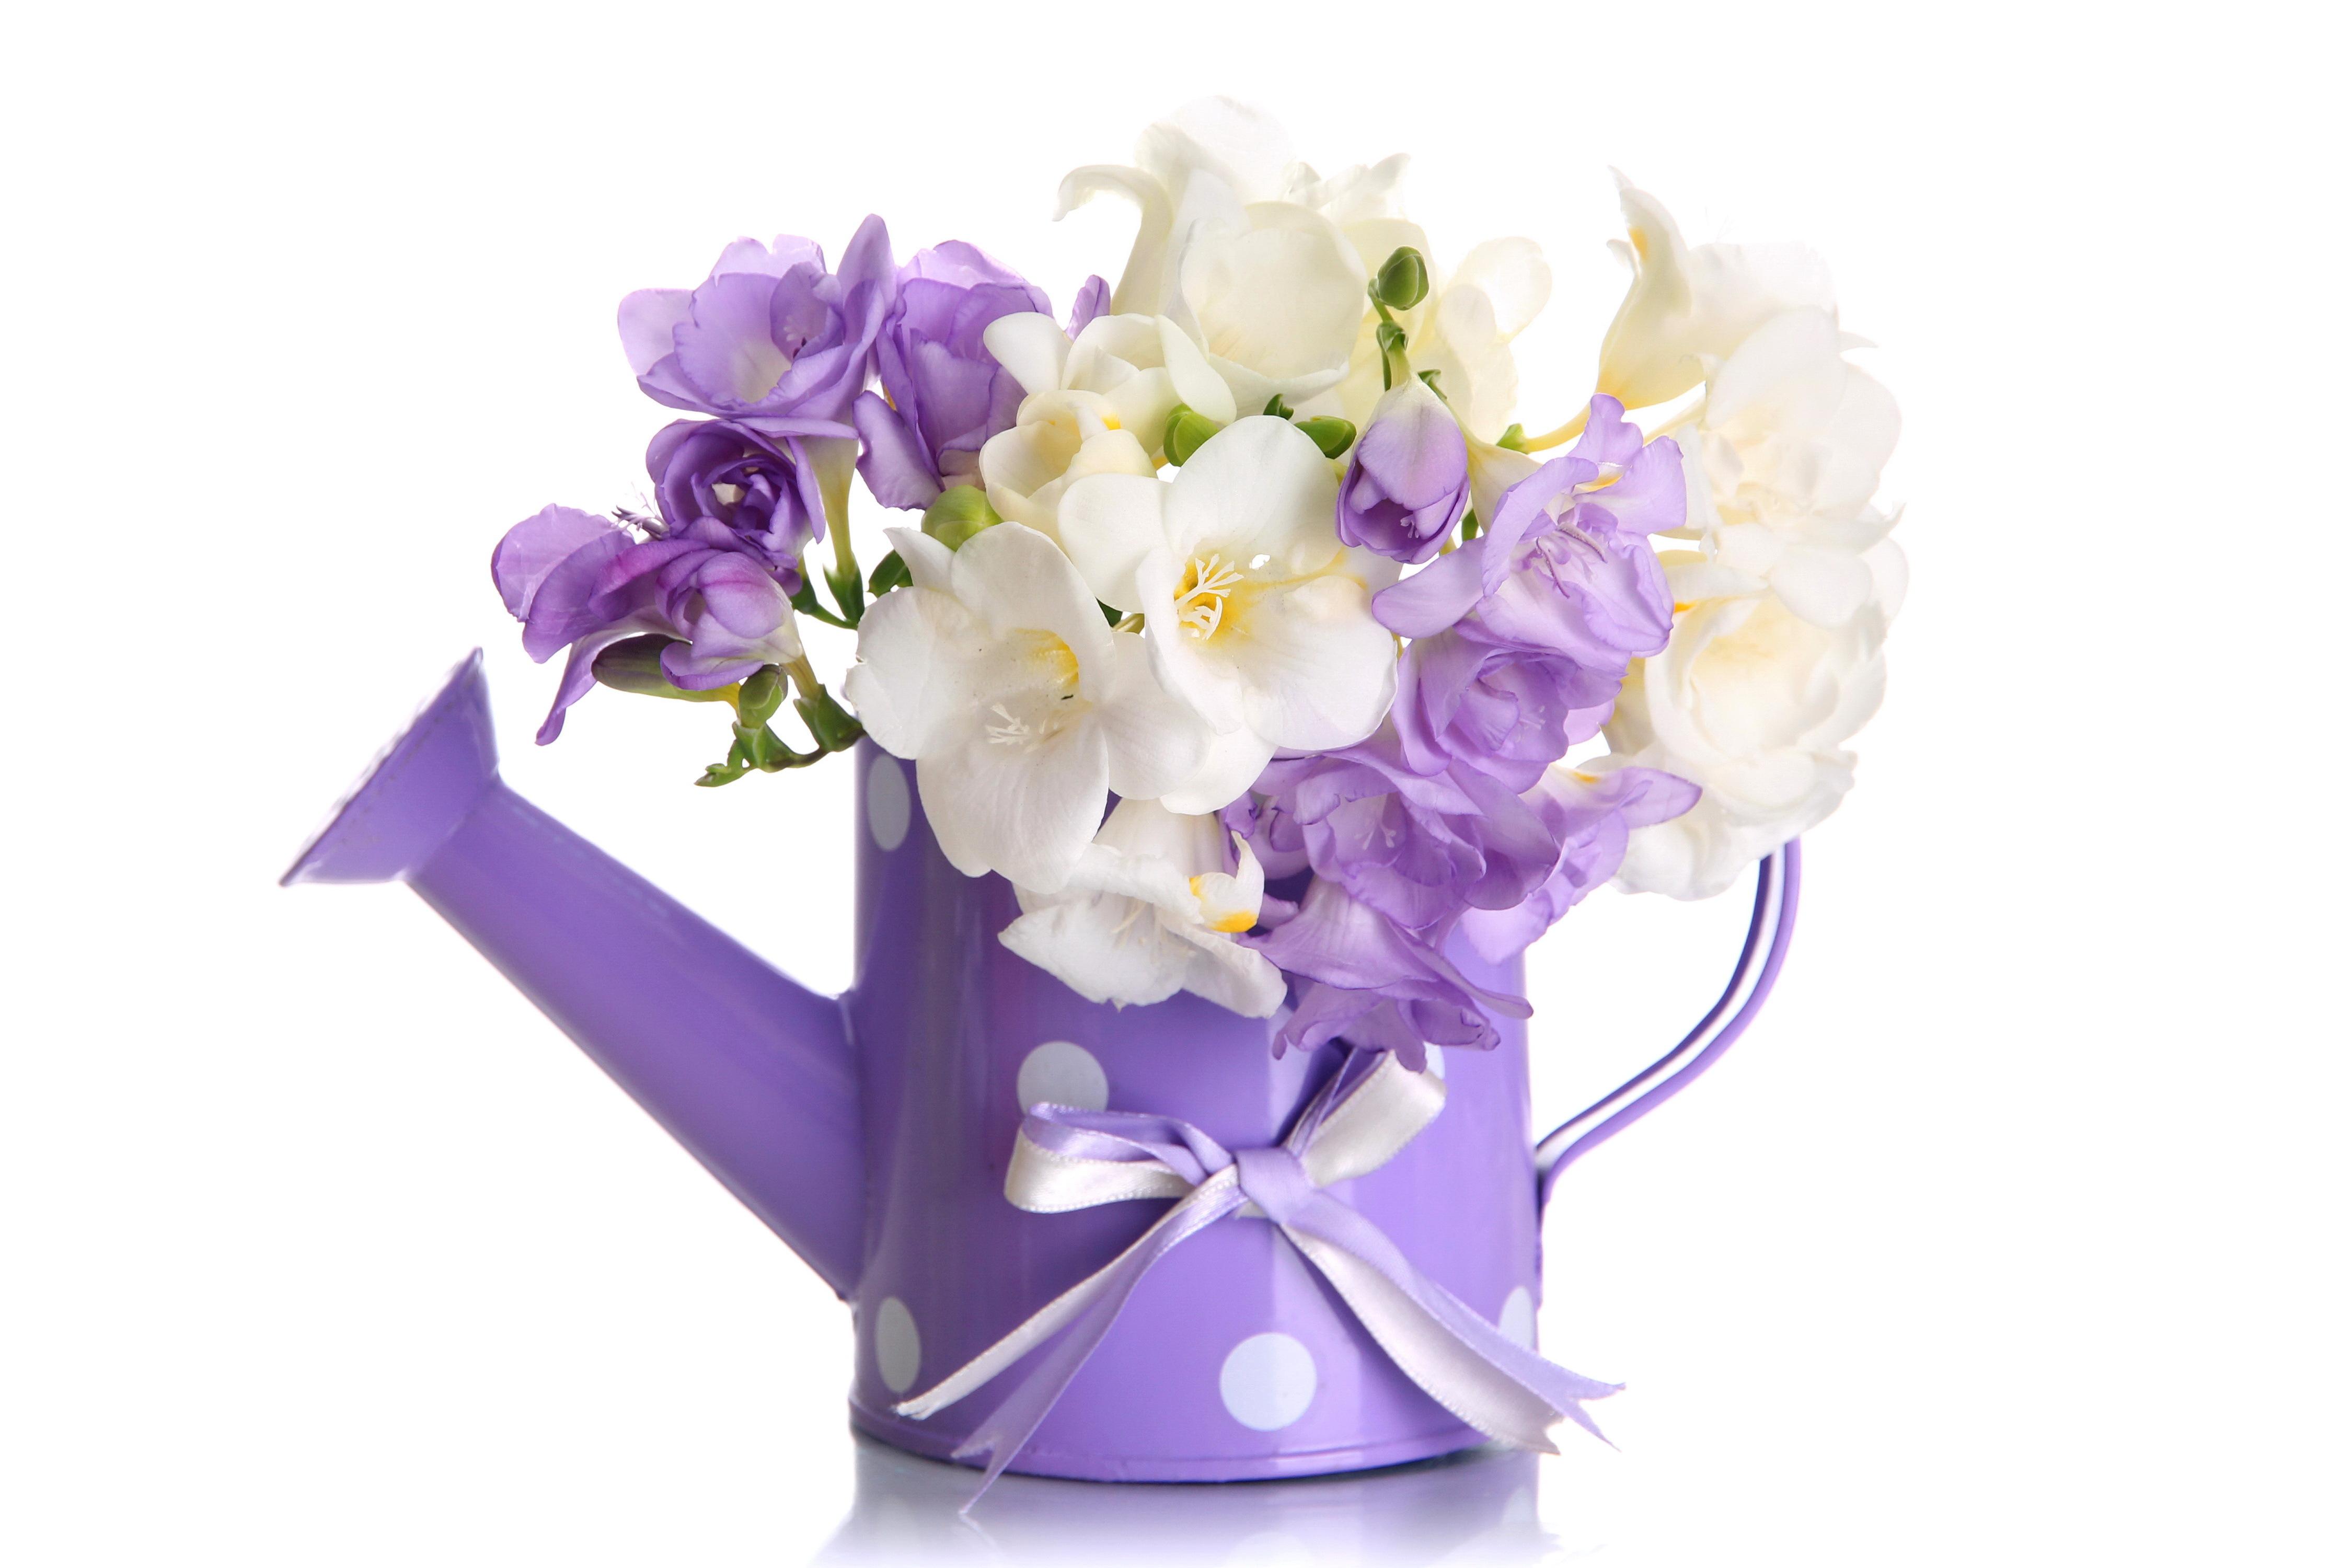 Purple and white flowers in water can 4k ultra hd wallpaper violet white flower bakgrundsbilder id687837 mightylinksfo